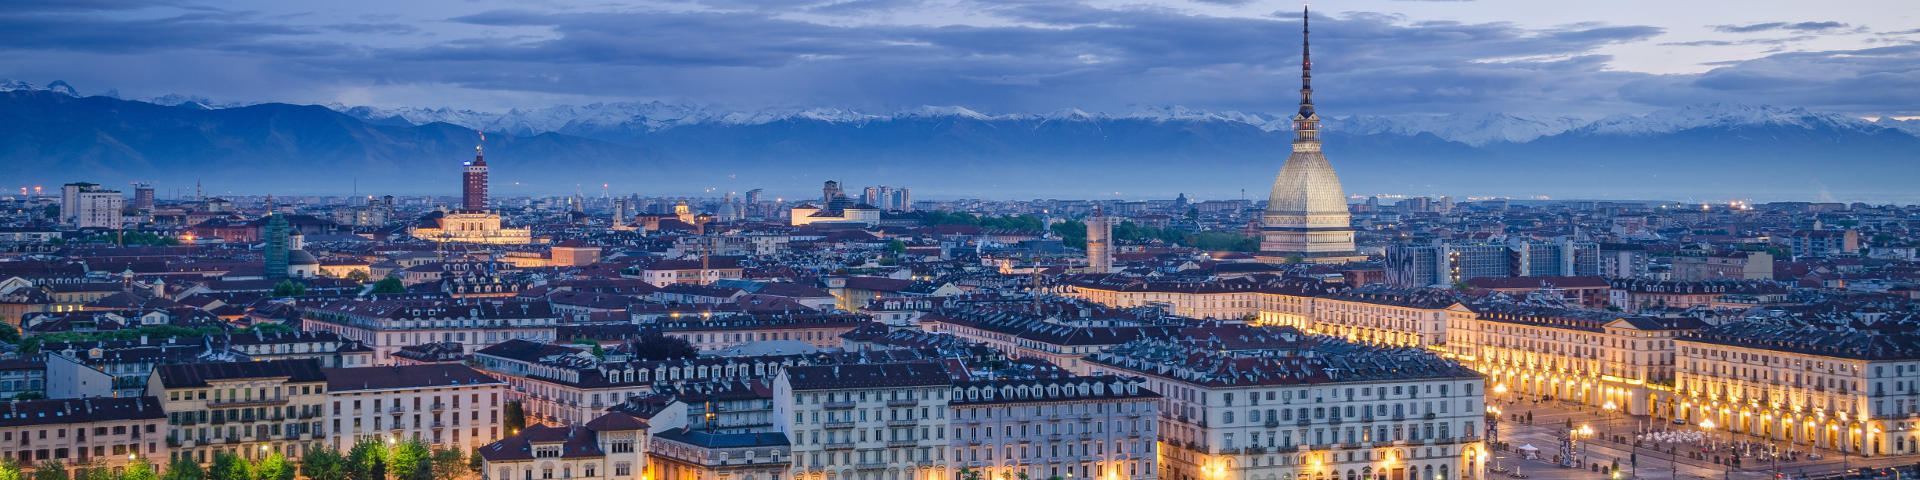 Turin hero banner 1